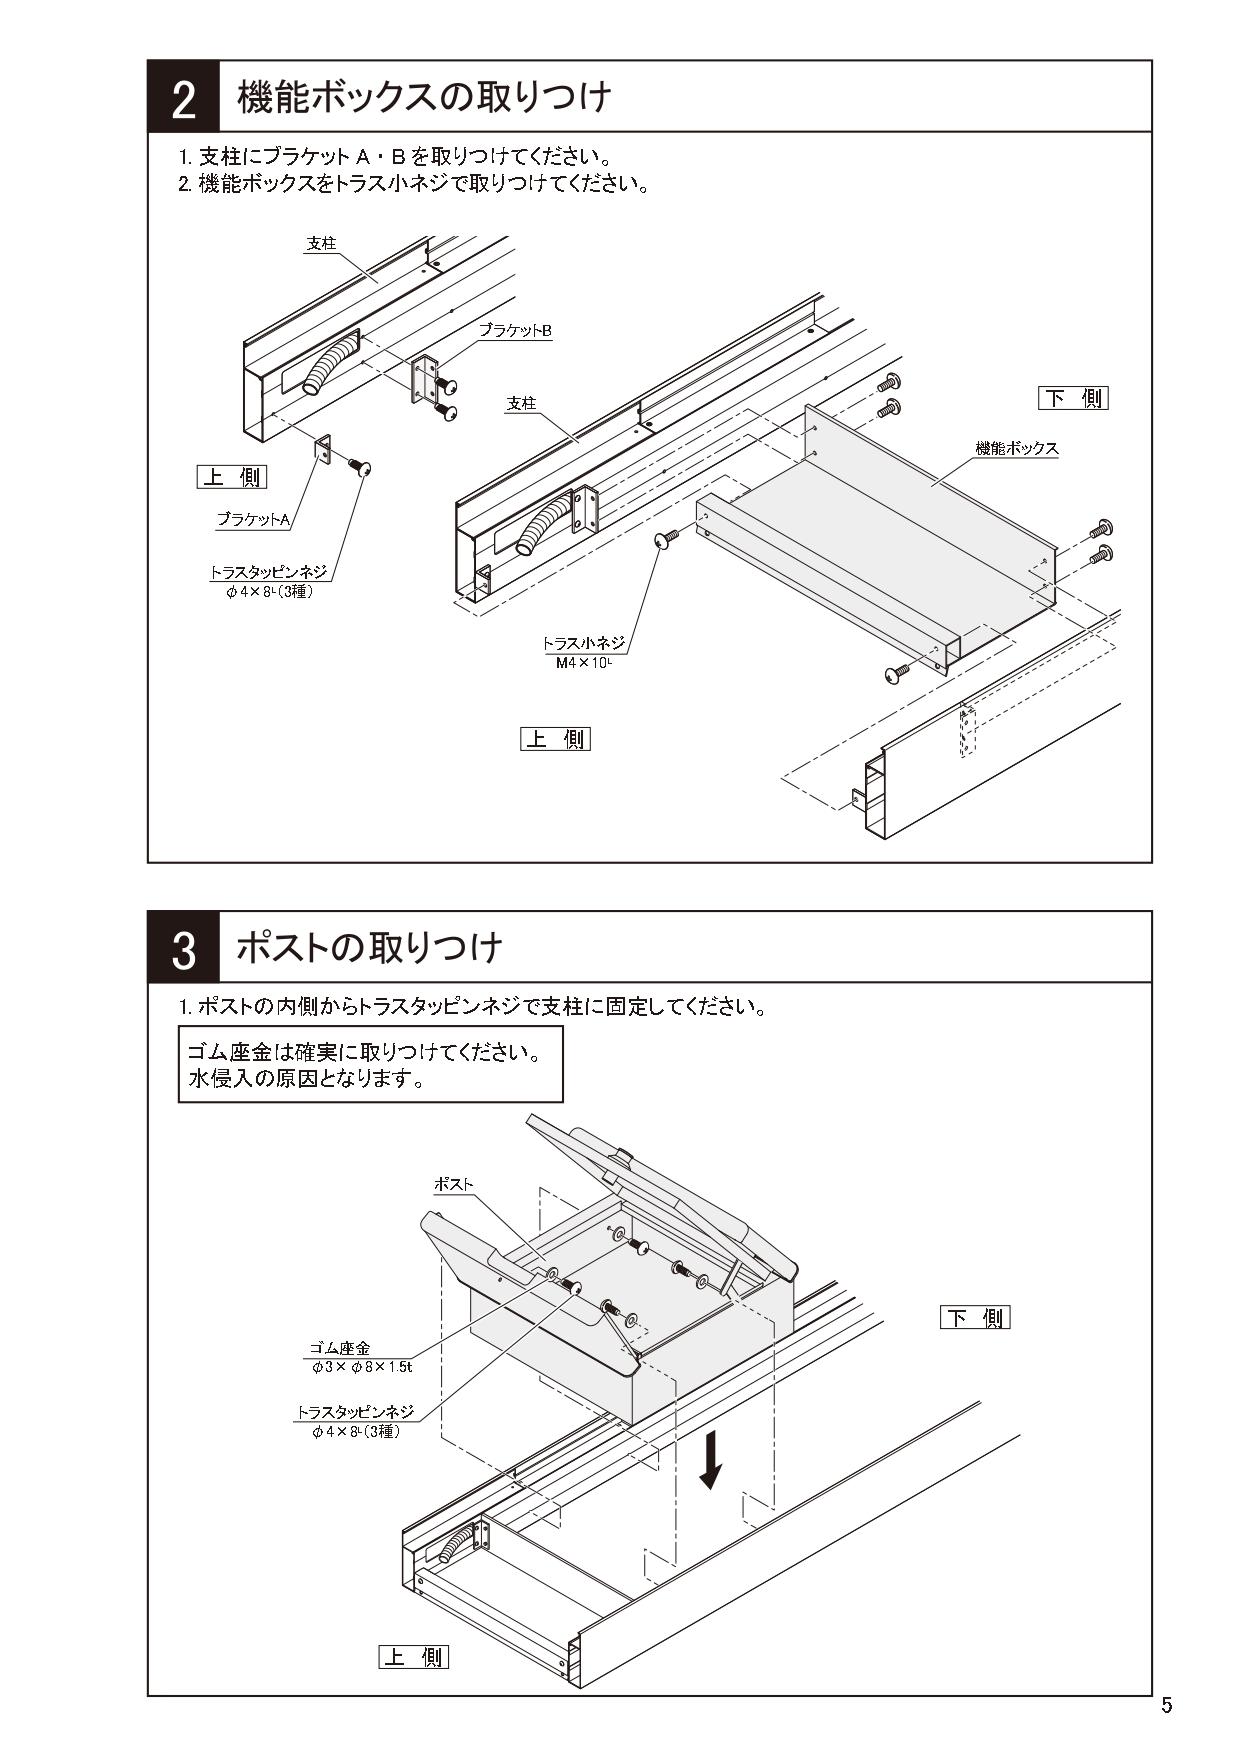 ソネット門柱1型 施工説明書_page-0005